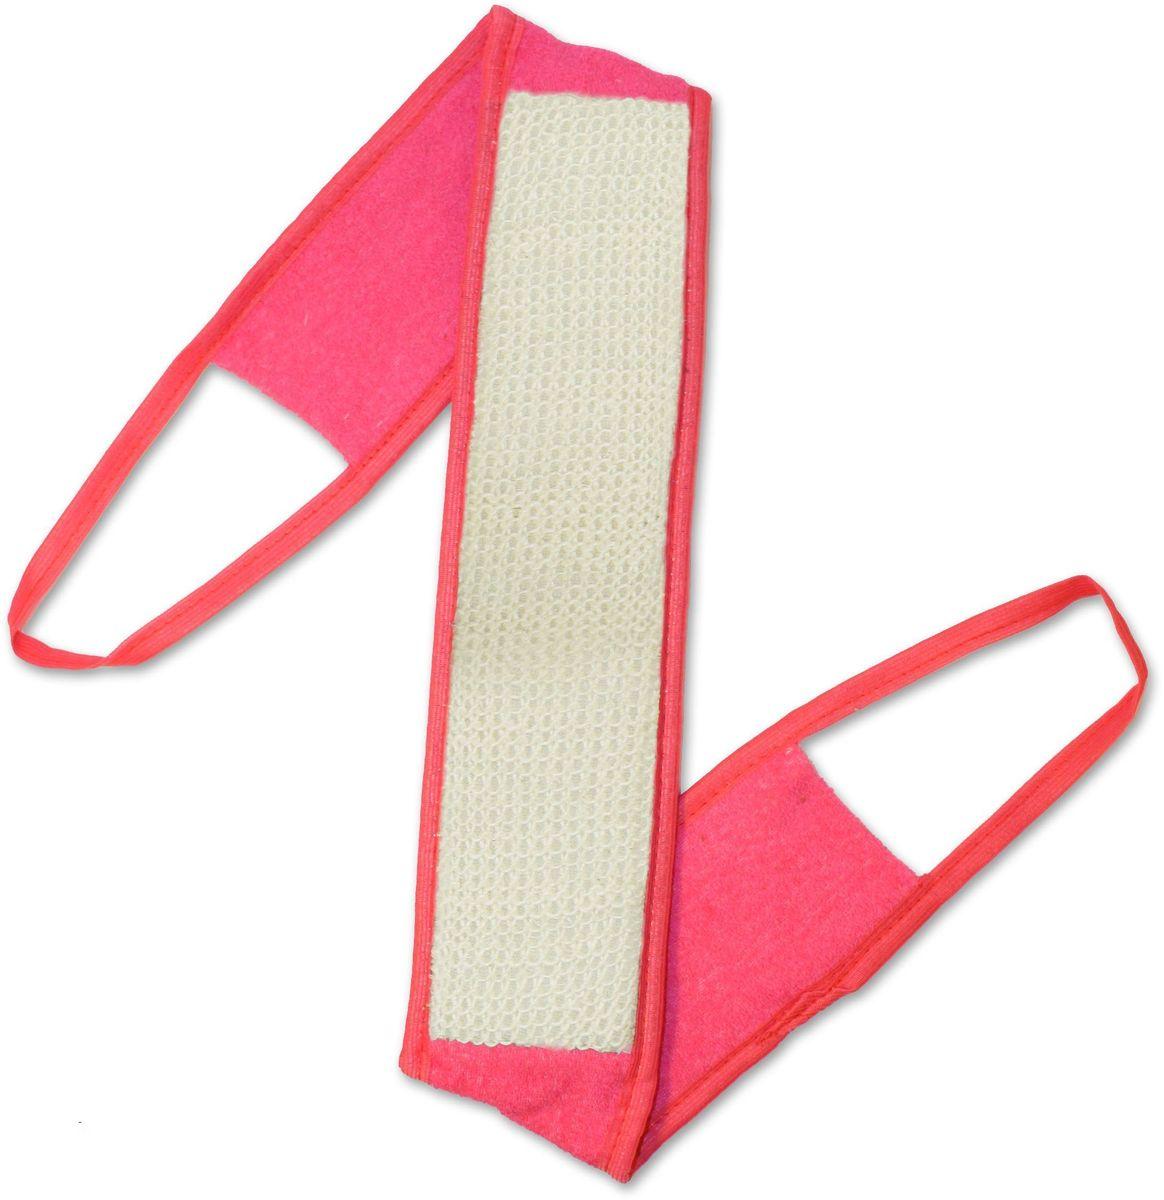 Мочалка Eva Ladies, с ручками. М25115010777139655Специализированная серия для женщин с привлекательным дизайном упаковки и лучшими потребительскими свойствами.